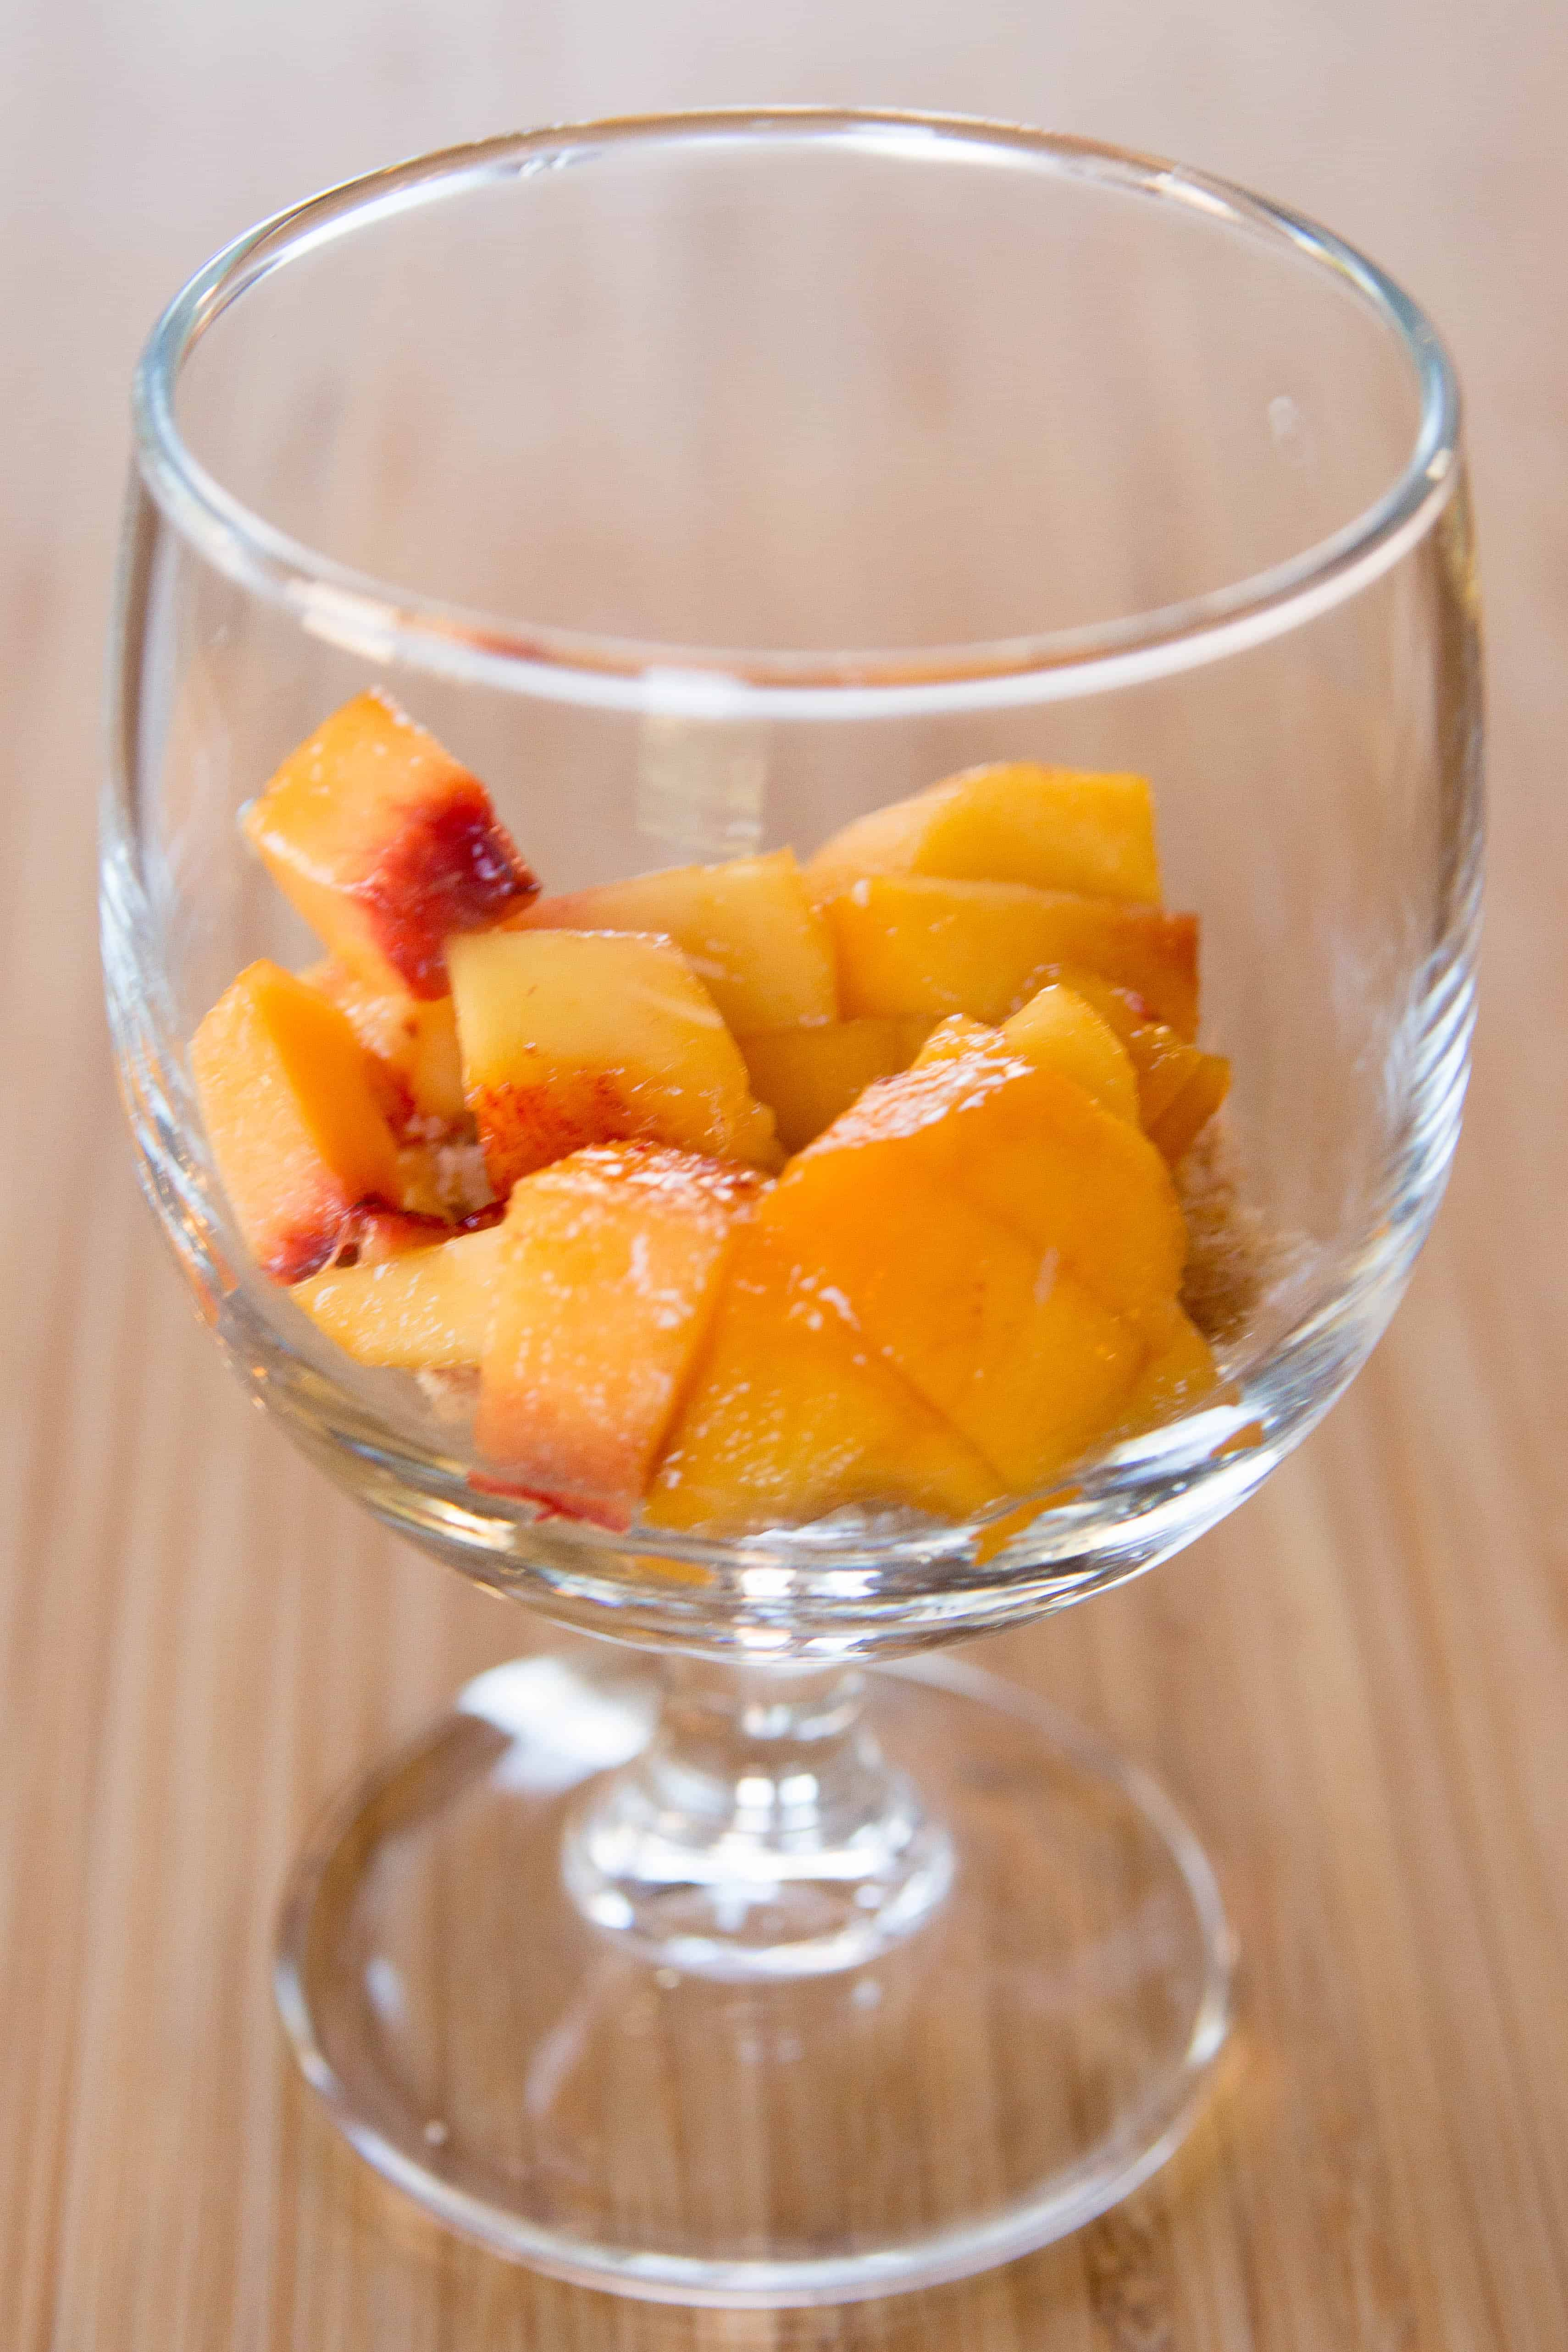 ff-peaches-and-cream-8169